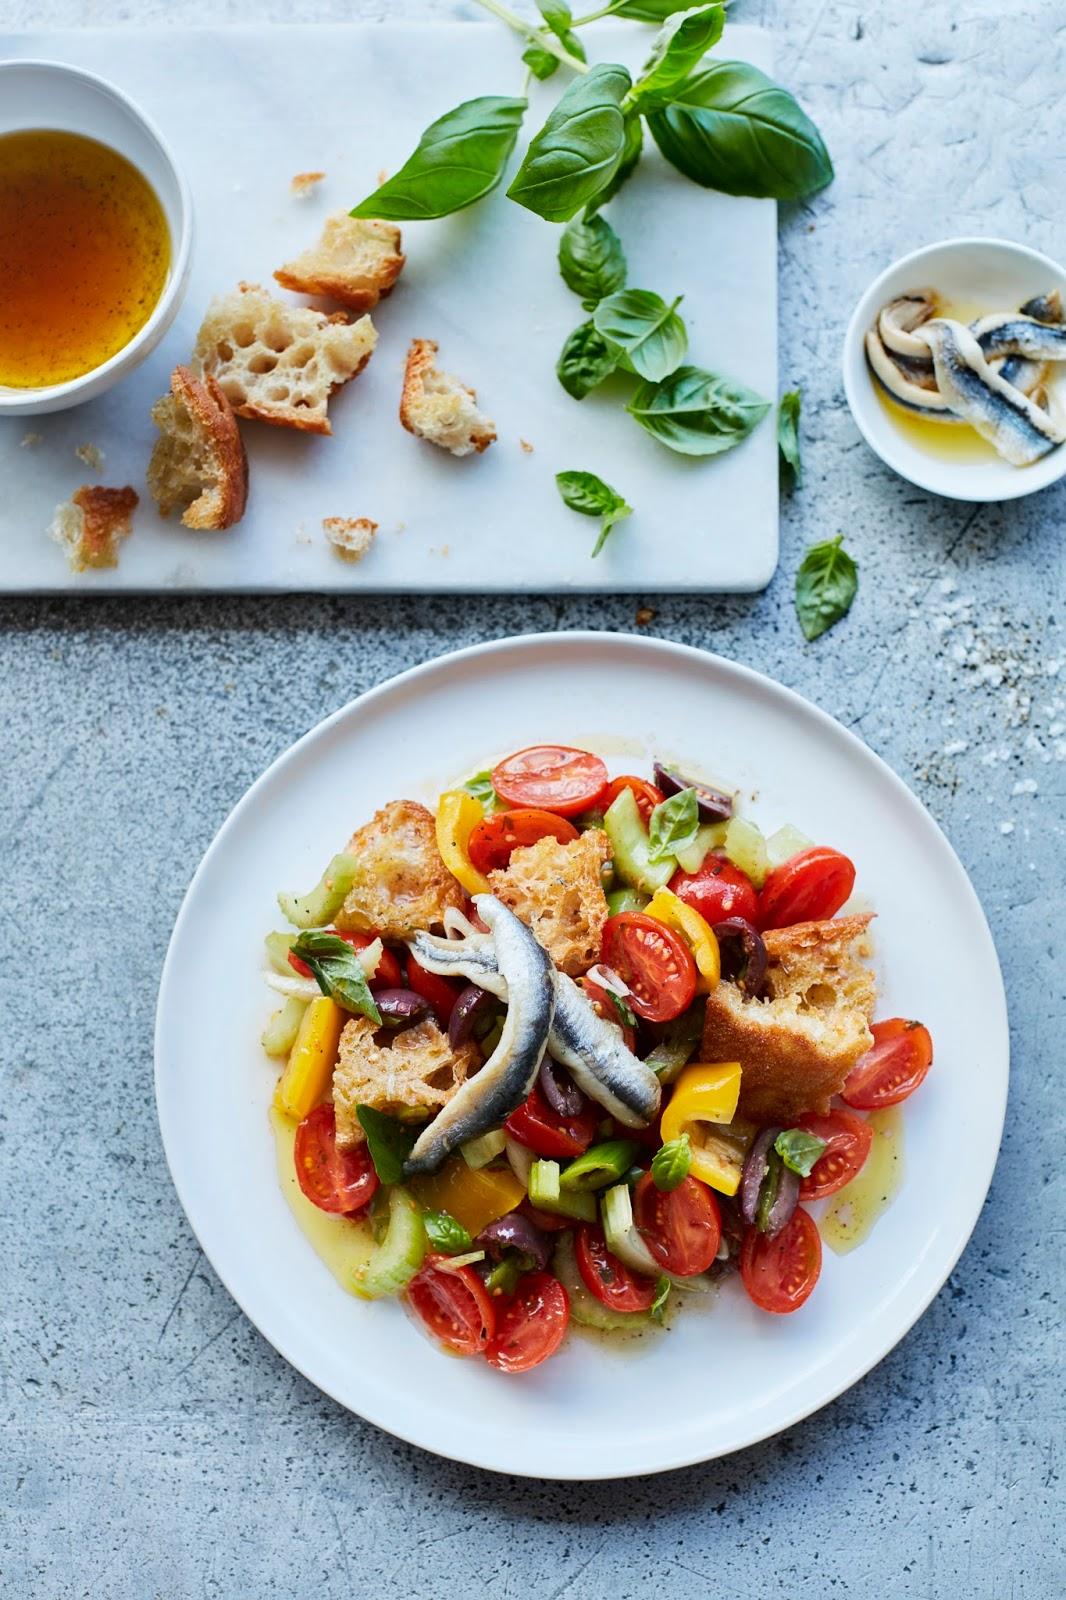 How To Make A Panzanella Salad